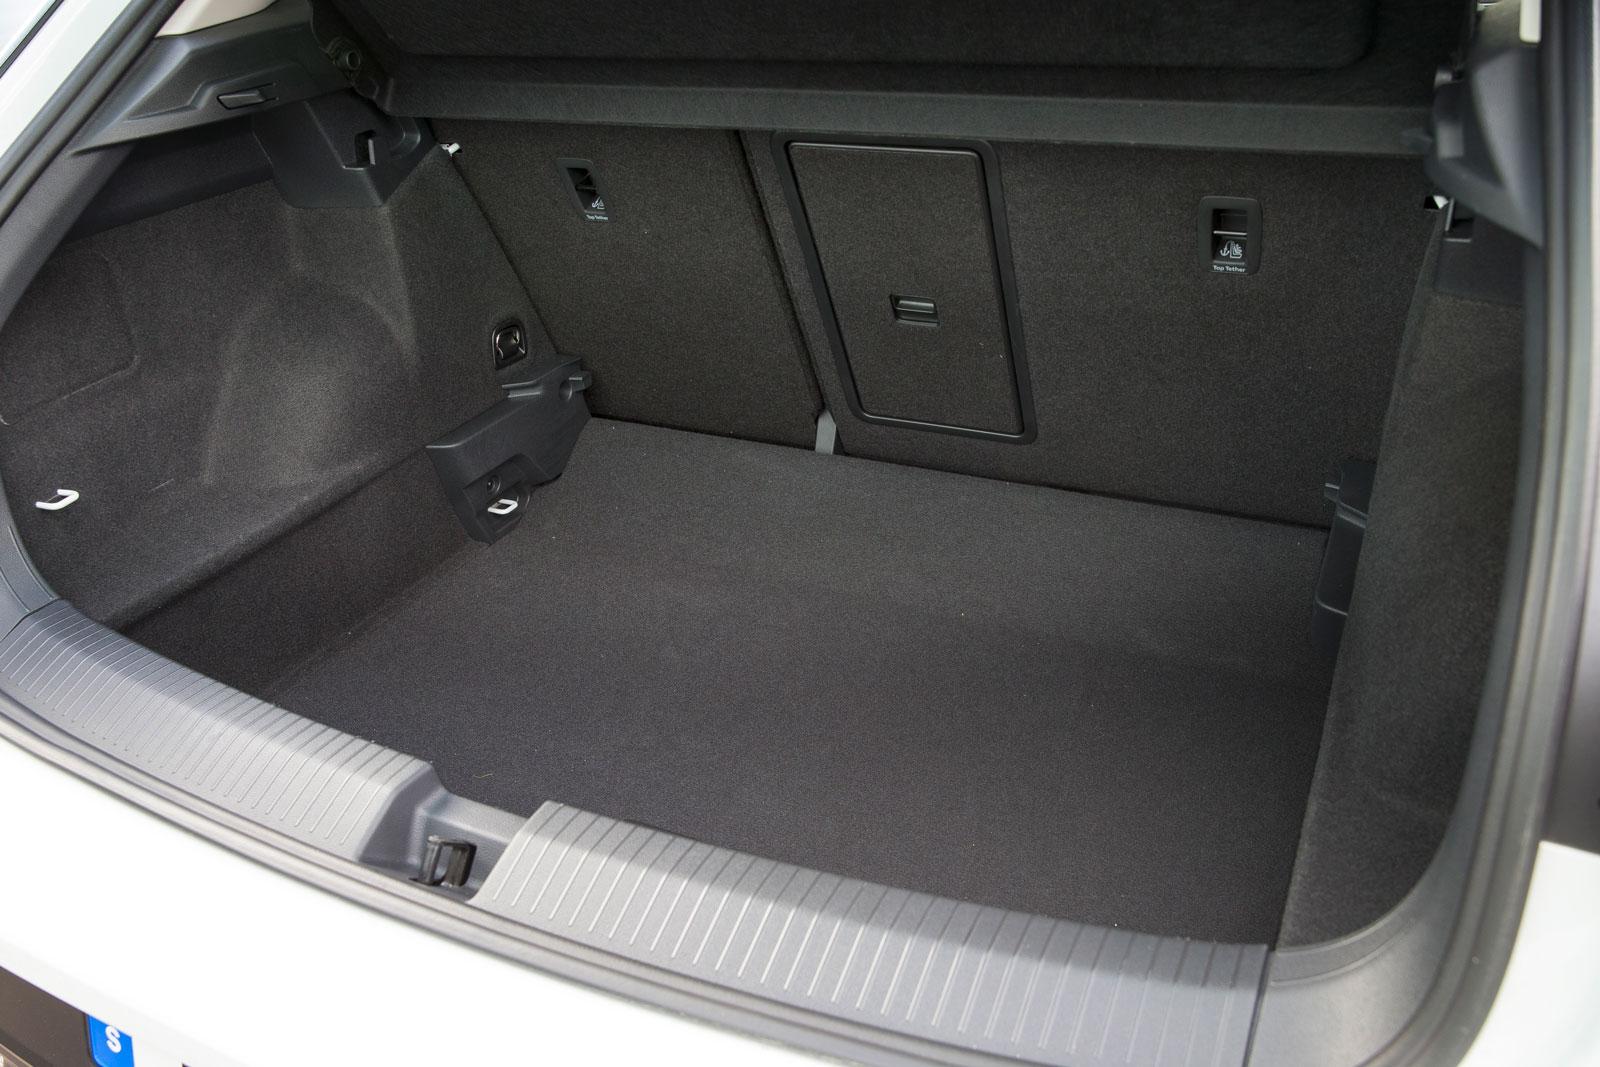 VW:s bagageutrymme är trängst i test, åtminstone när det gäller att svälja drickabackar. I vårt praktiska prov fick bara nio stycken plats när baksätet var uppfällt. Lastgolvet är höj-/sänkbart, två kasskrokar finns och en praktisk genomlastningslucka är standard. Däremot saknas helt fack för småprylar.